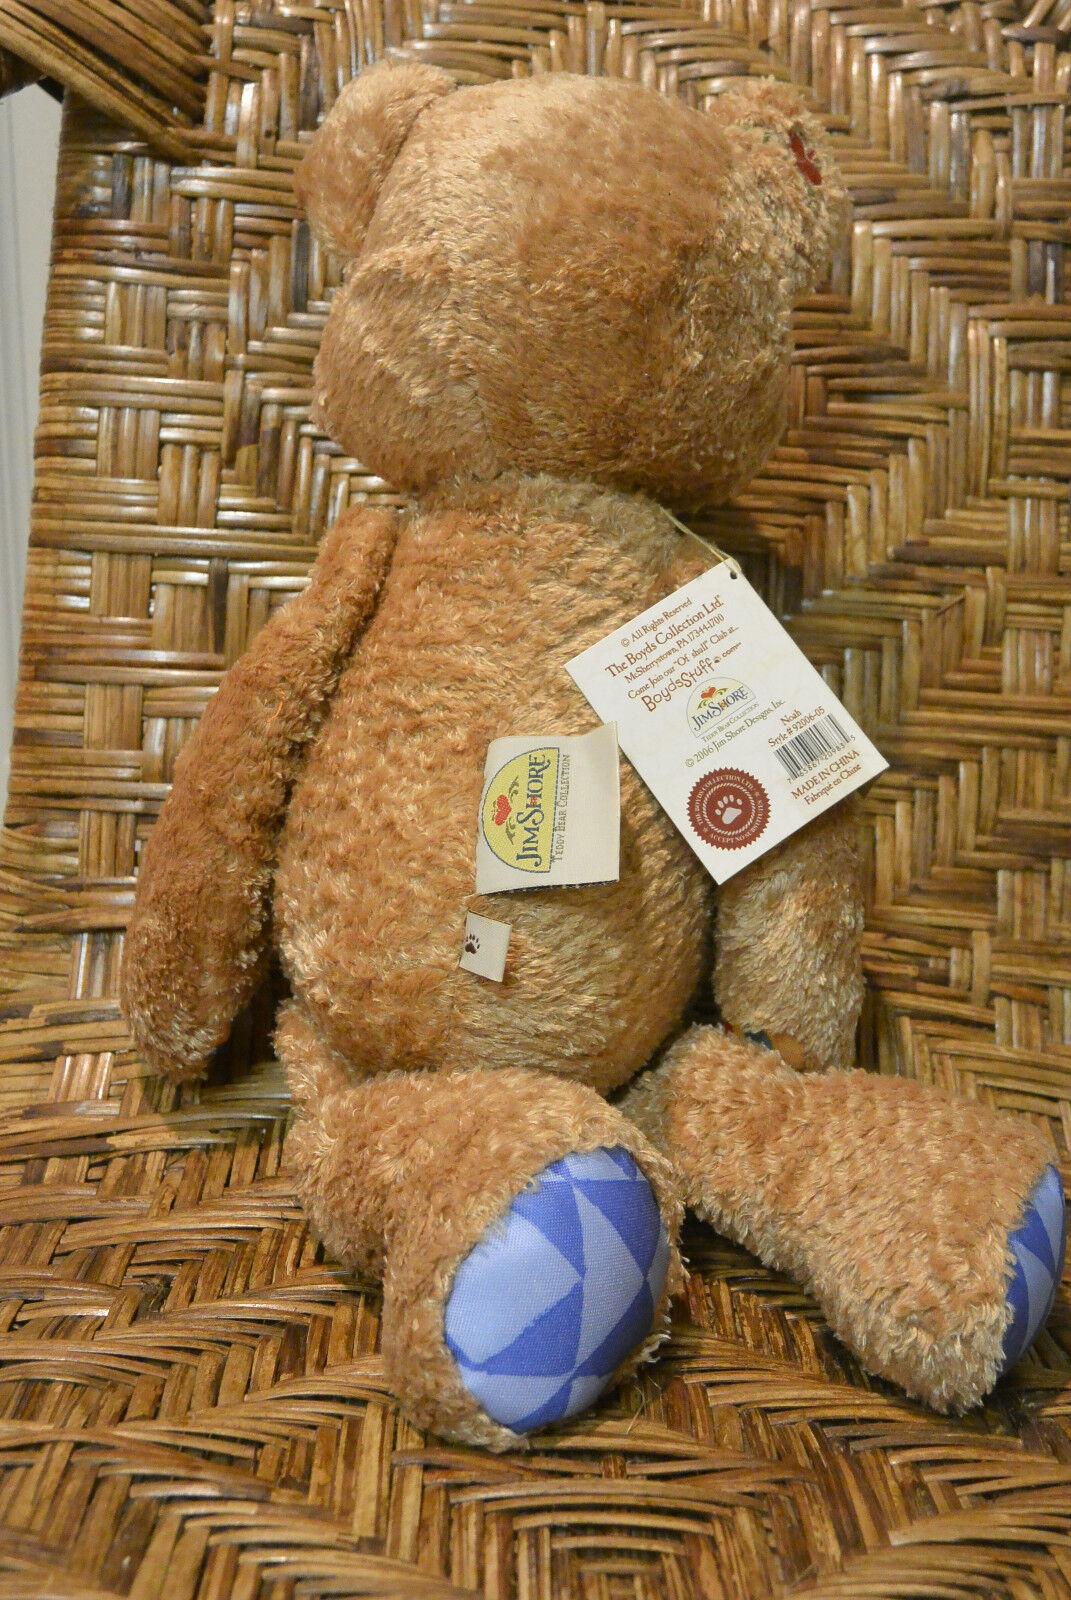 Boyds Bears Jim Shore Teddy Bear Collection Collection Collection Noah Stuffed Plush Animal Noah's Ark 24fc06